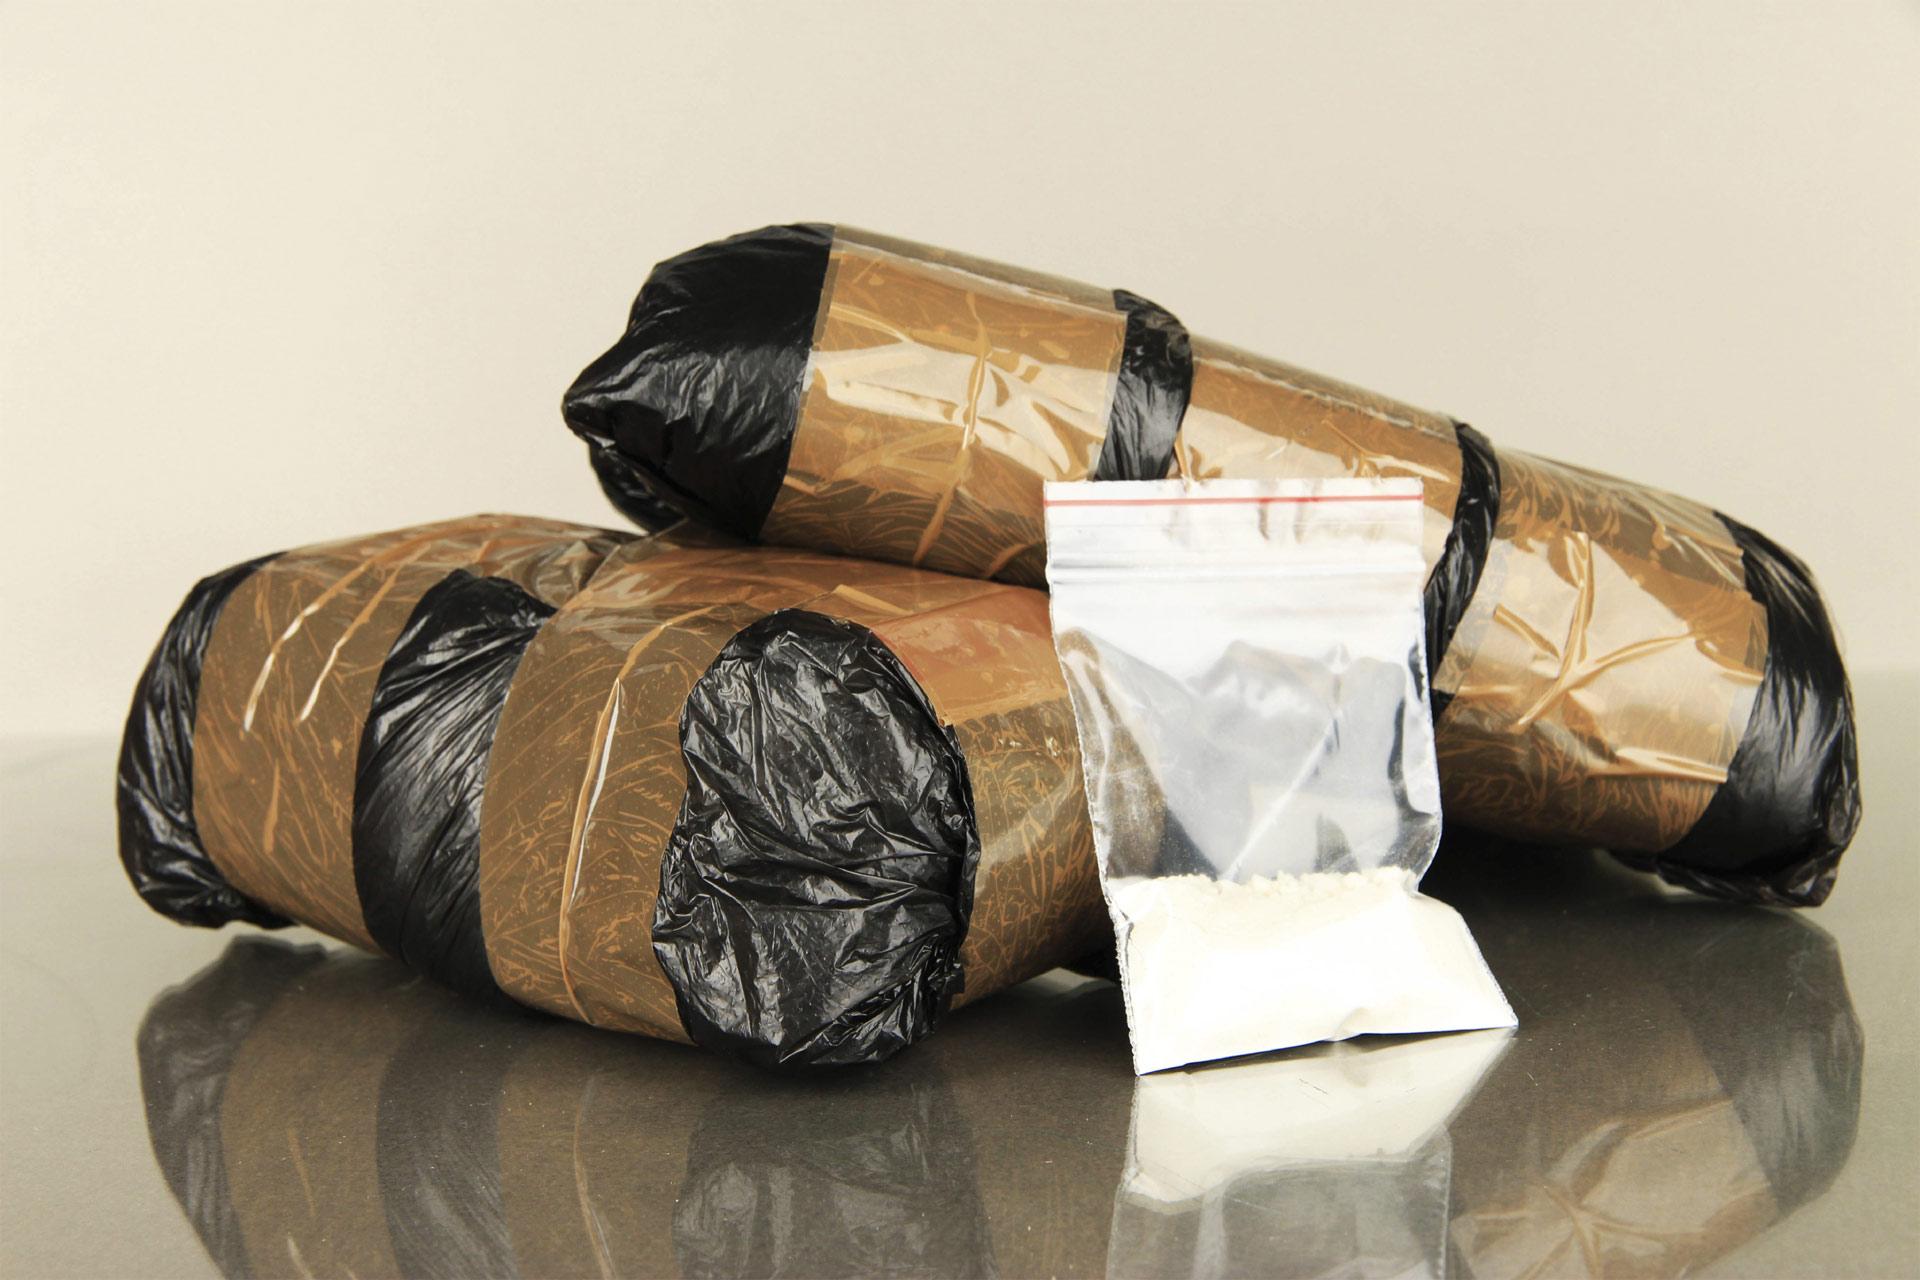 José Antonio Picón estaría vinculado al transporte de 500 panelas de marihuana y 10 de cocaína